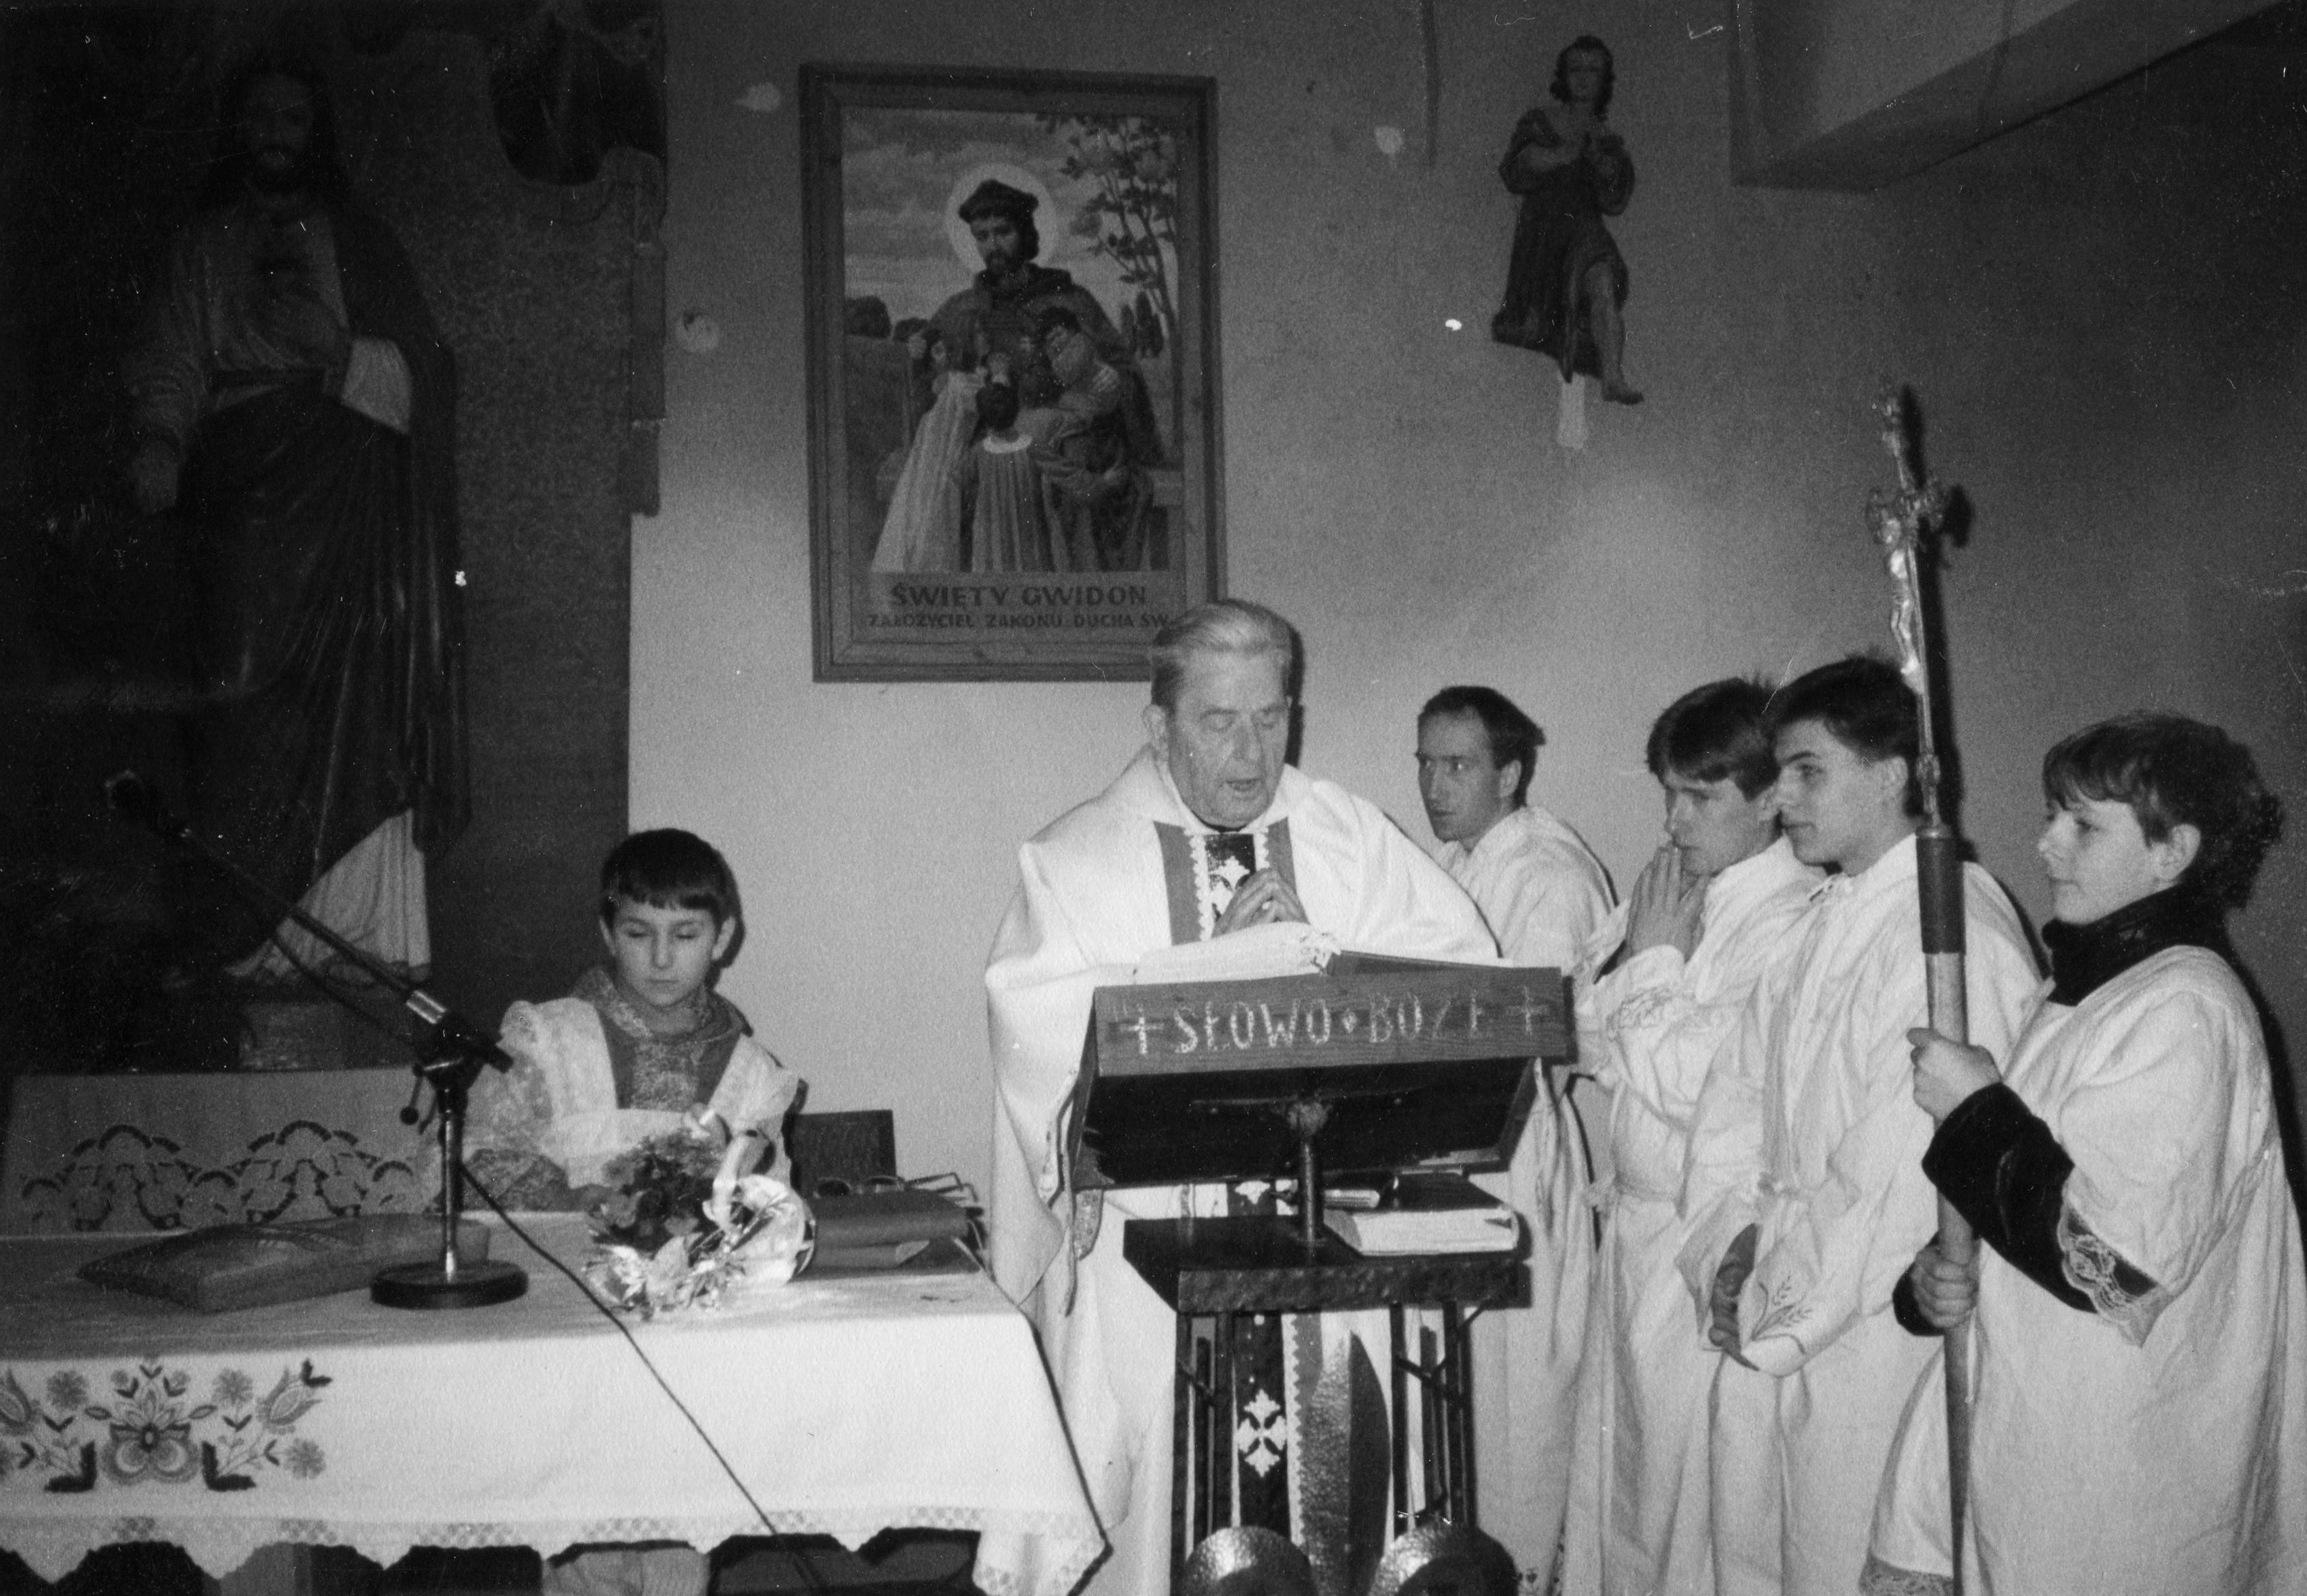 Msza òw. w kaplicy na Wzg¢rzu sp. Wiesàaw òp. Sylwester